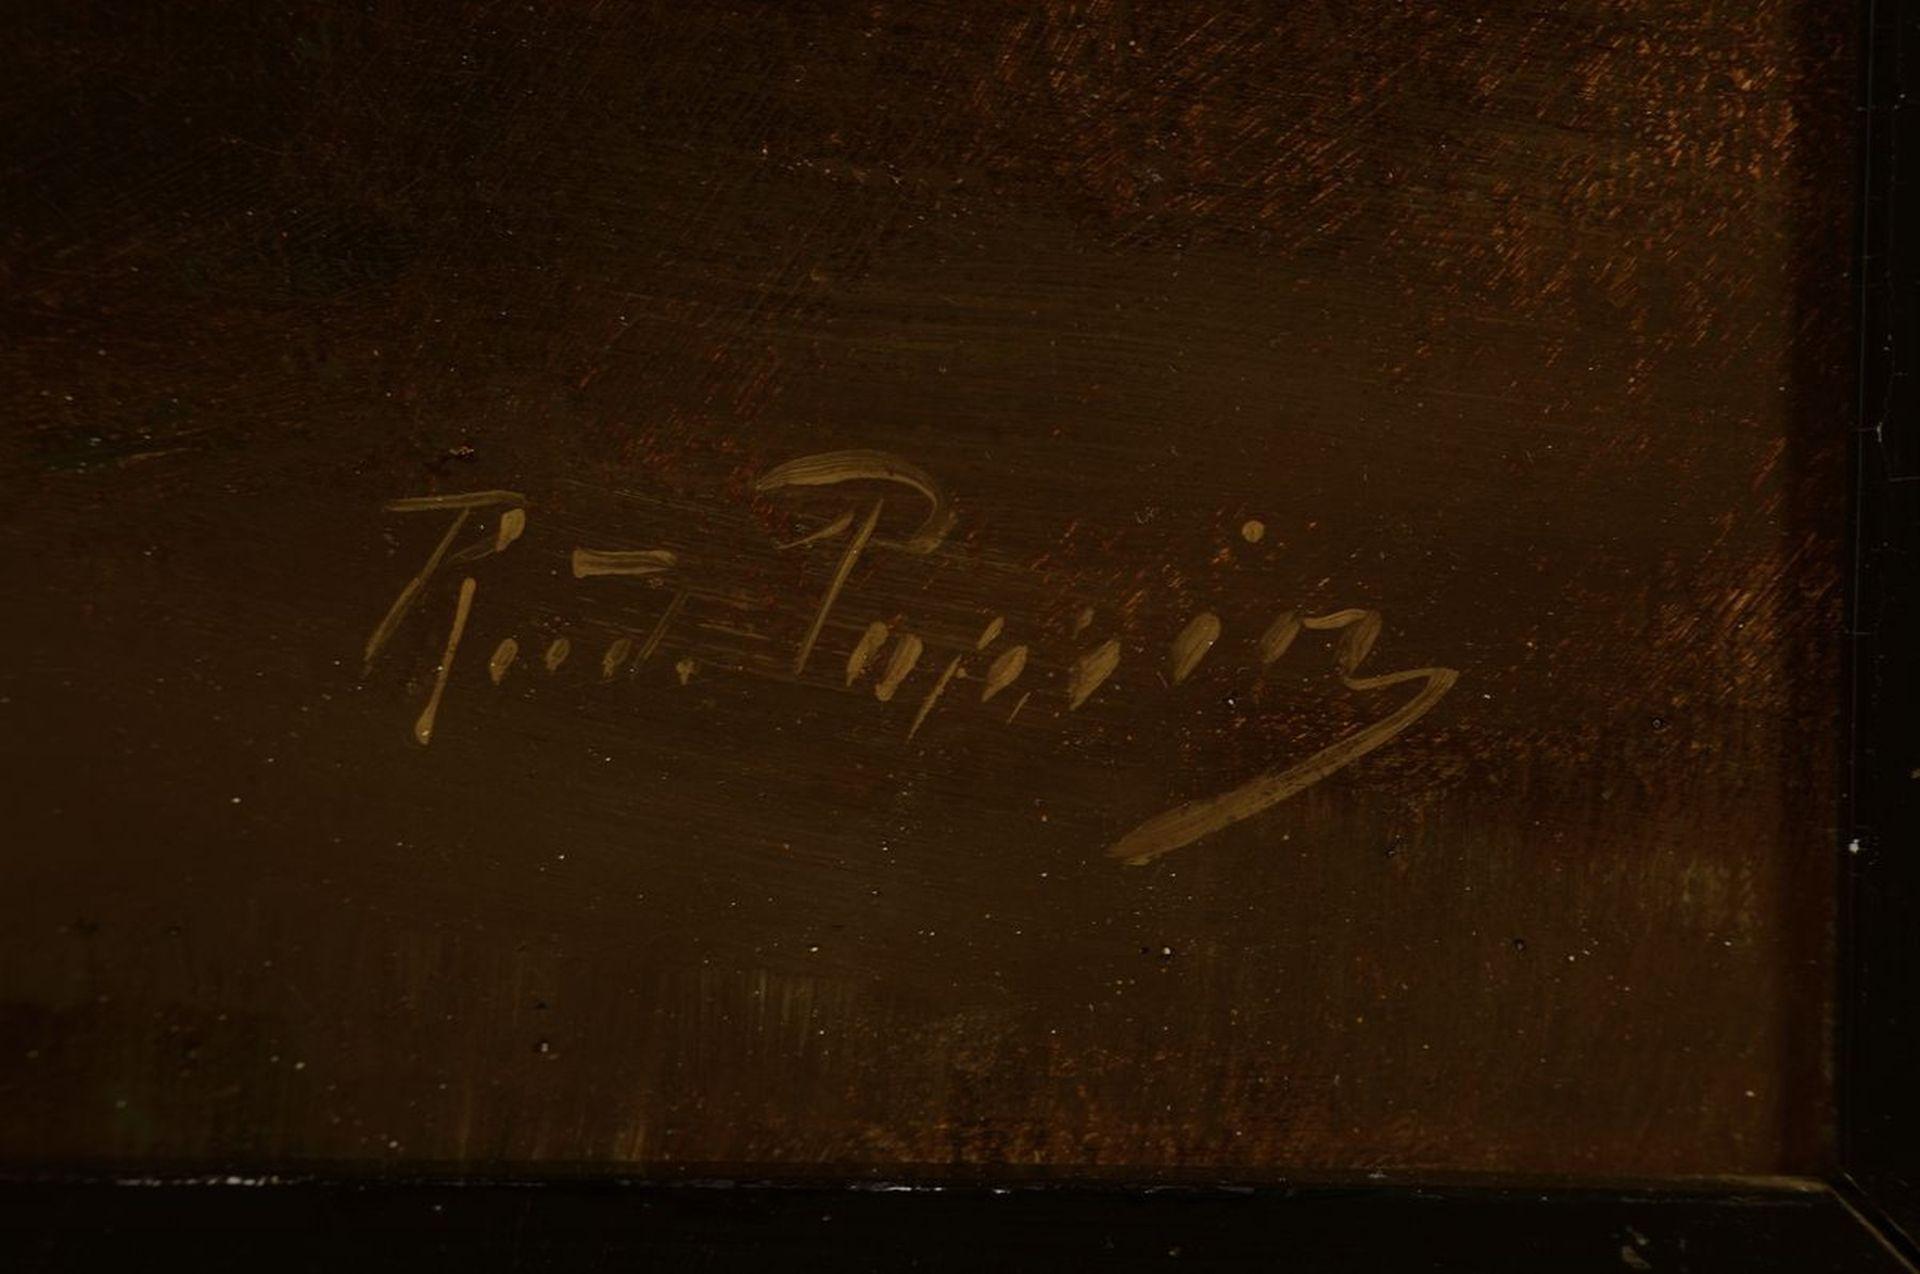 Rudolf Possin, 1861 Magdeburg-1922 Berlin, Holländisches - Bild 2 aus 3